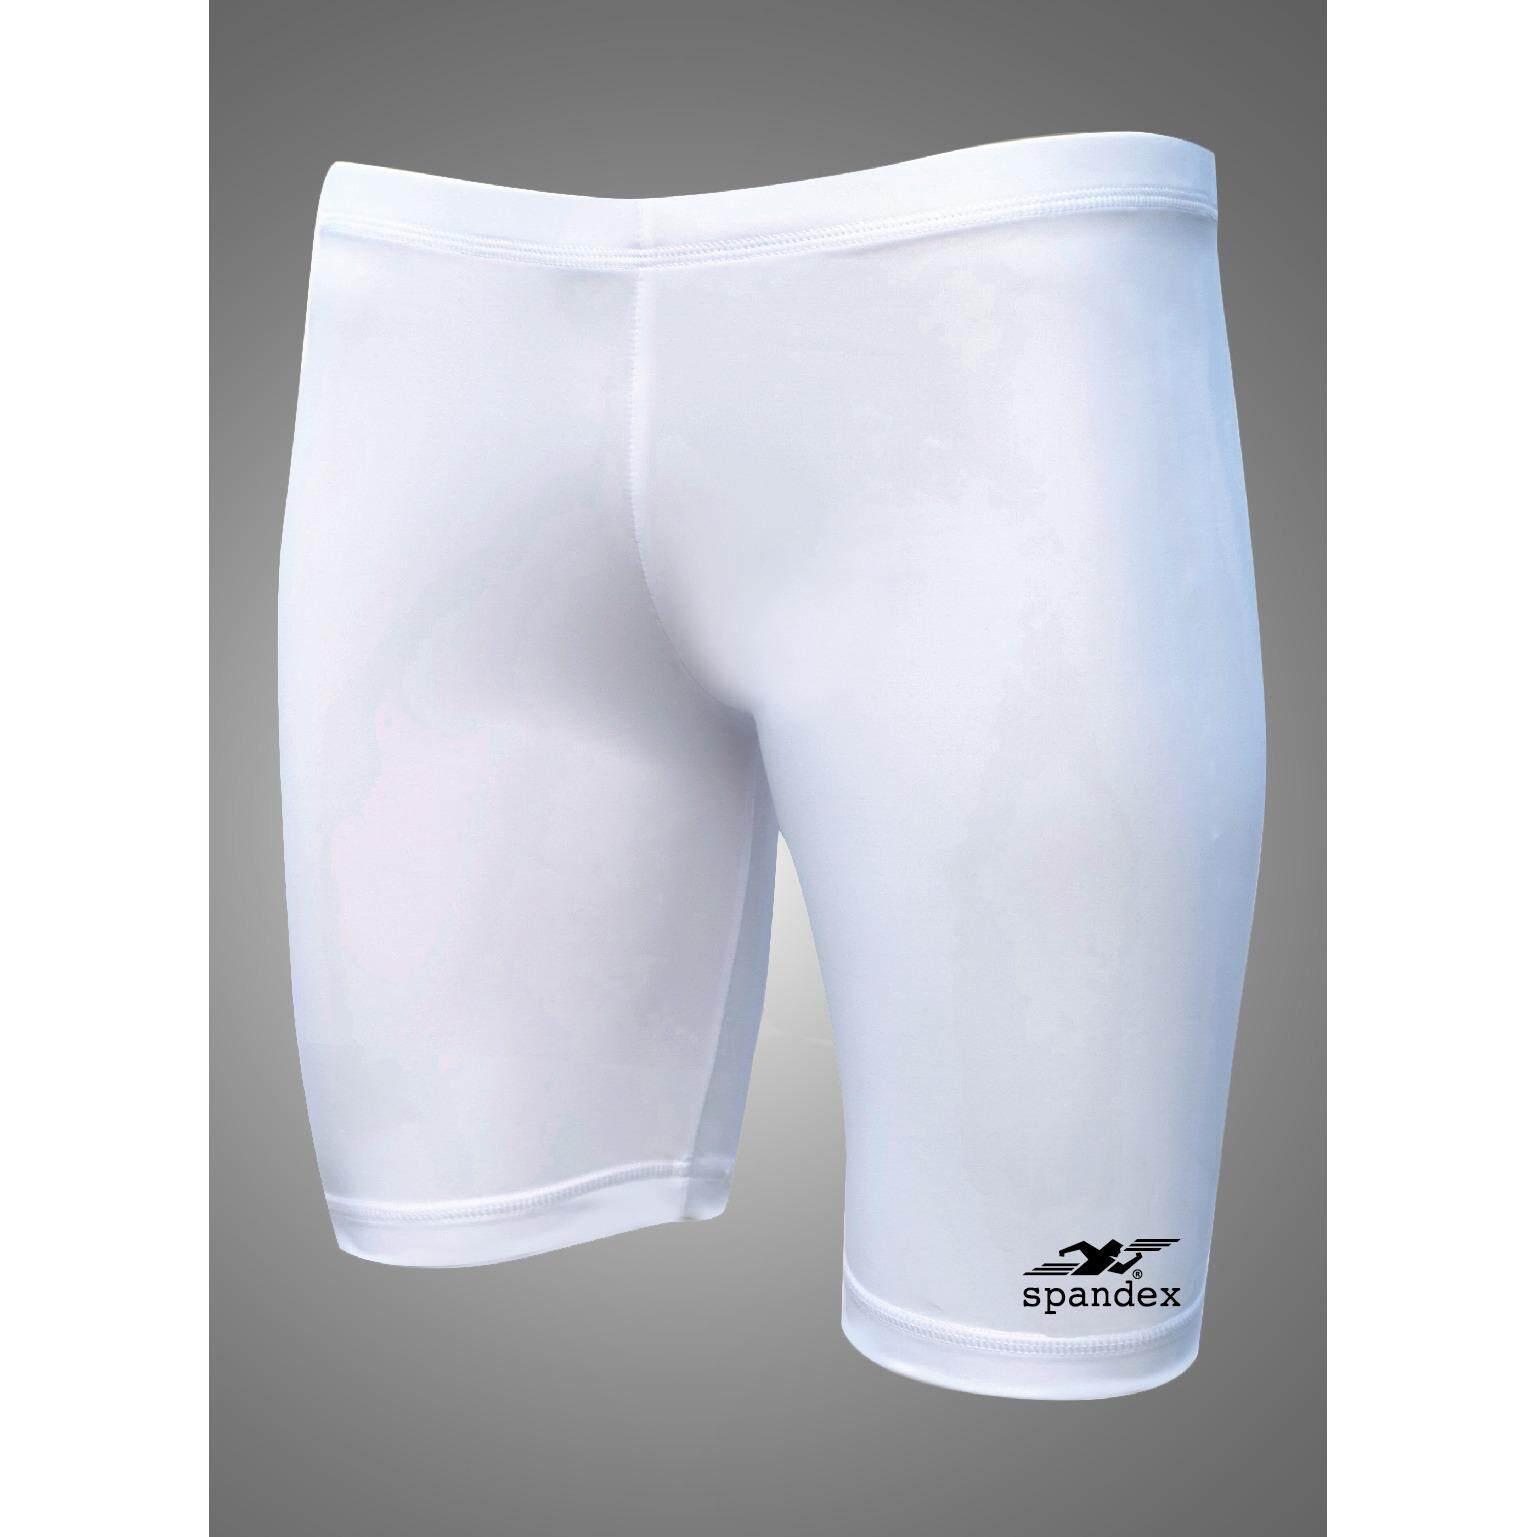 ขาย Spandex กางเกงรัดกล้ามเนื้อขาสั้น S001Sf สีขาว Spandex